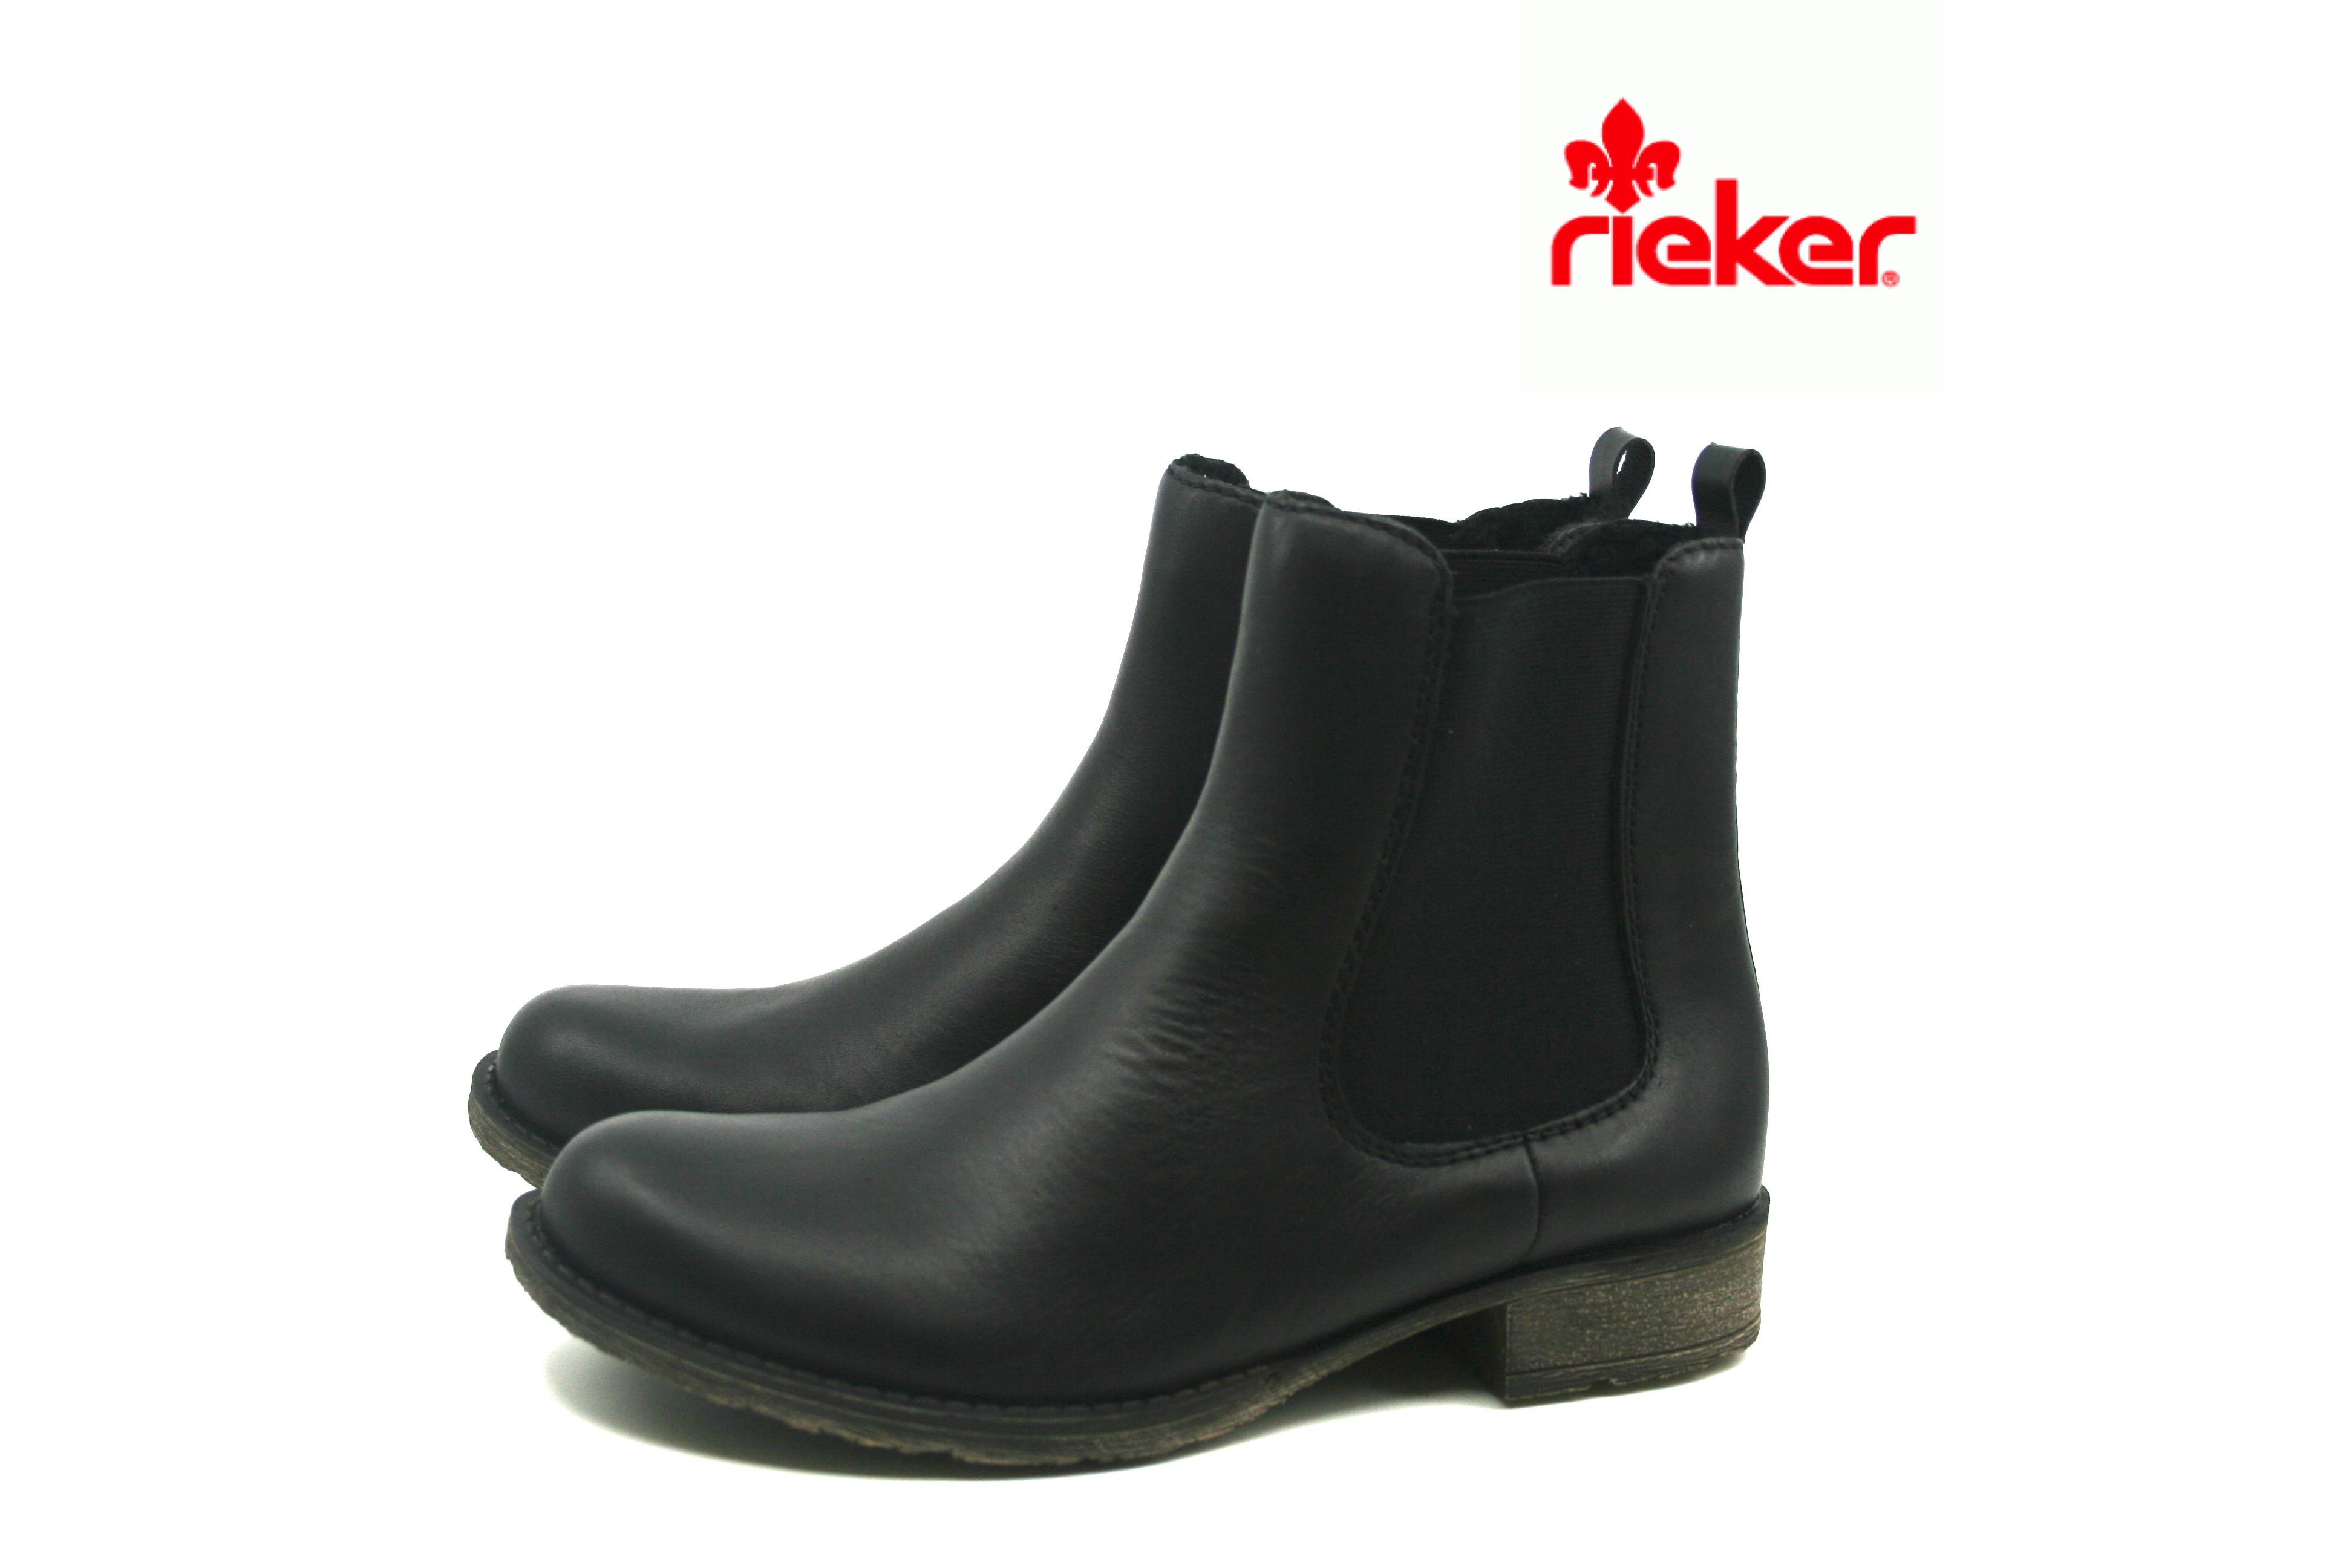 8110add0 Damkjaer Sko Online Shop - Rieker Klassisk Sort Støvle